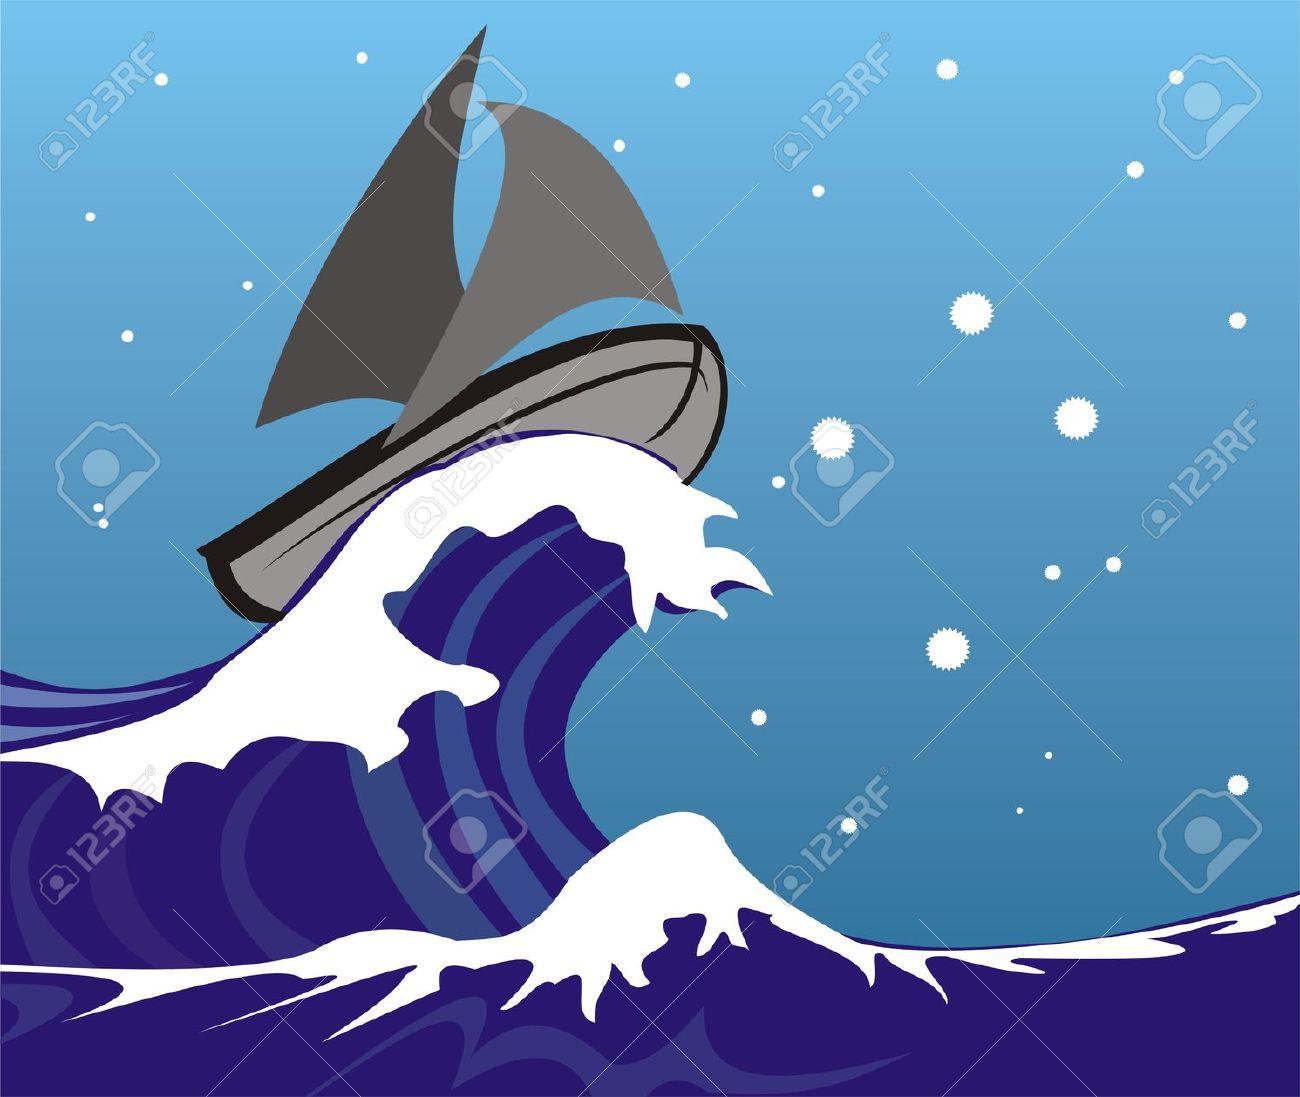 Sea clipart stormy sea #3